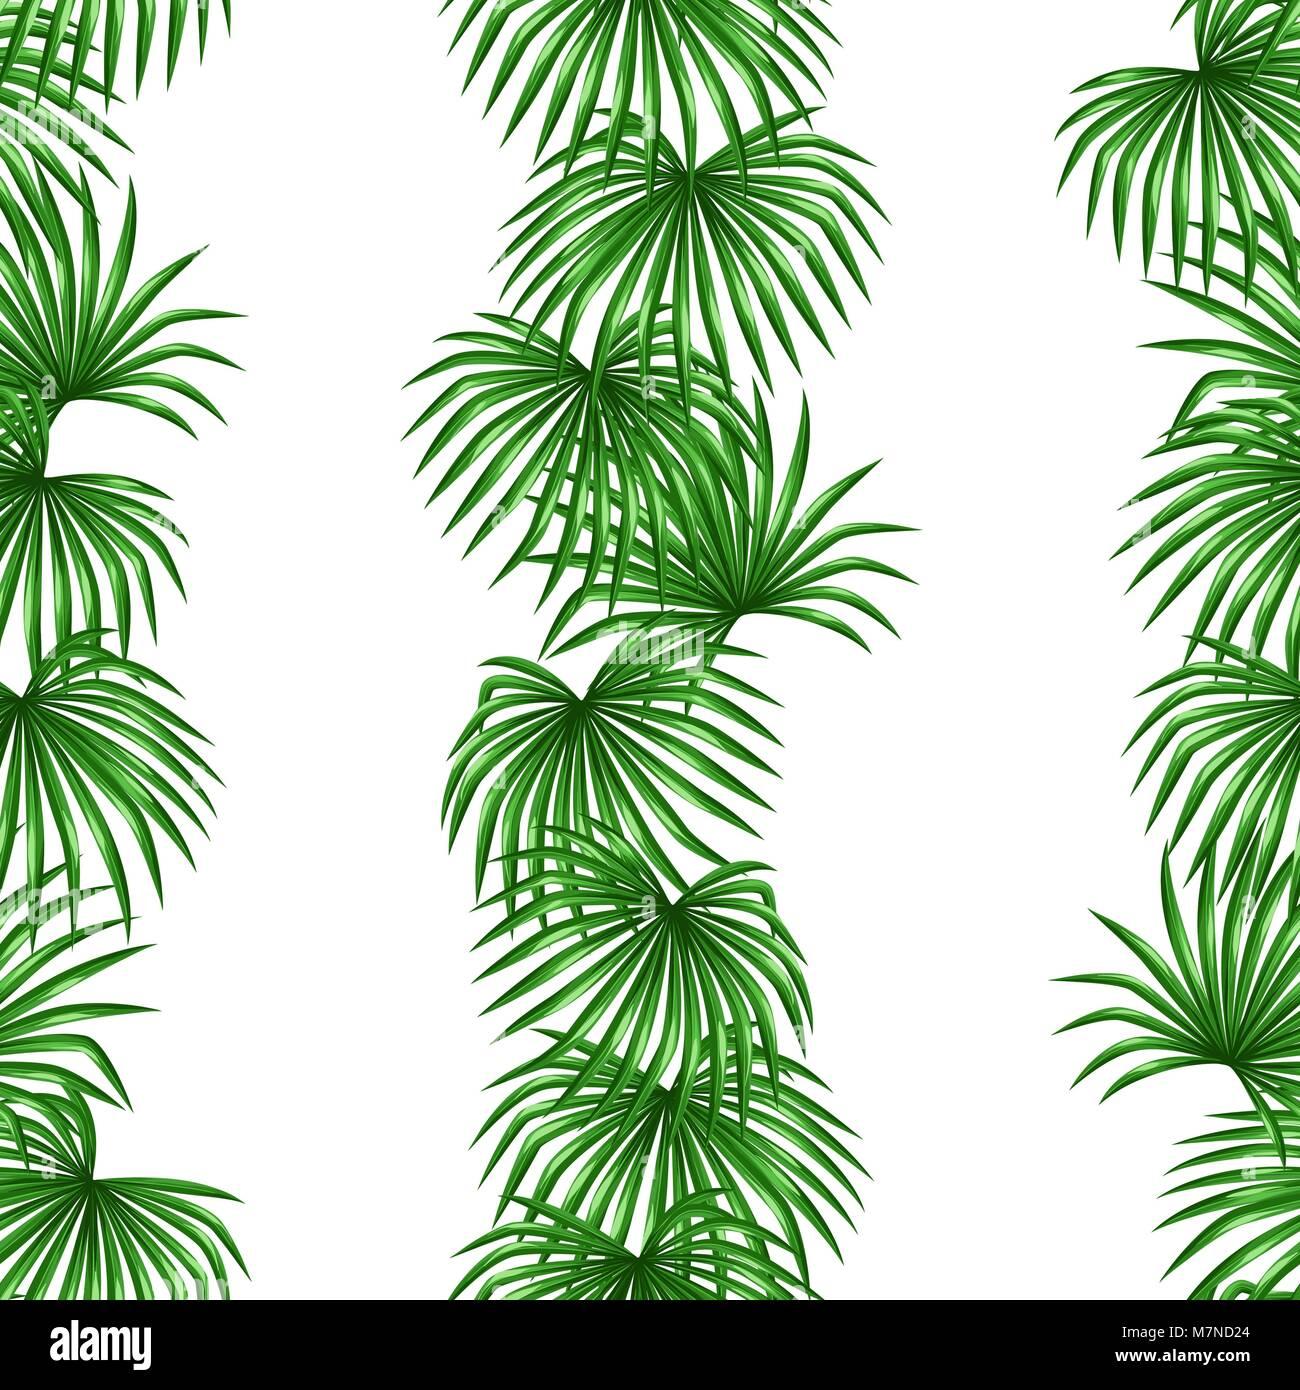 Nahtlose Muster Mit Palmen Blatter Dekorative Bild Tropischen Blatt